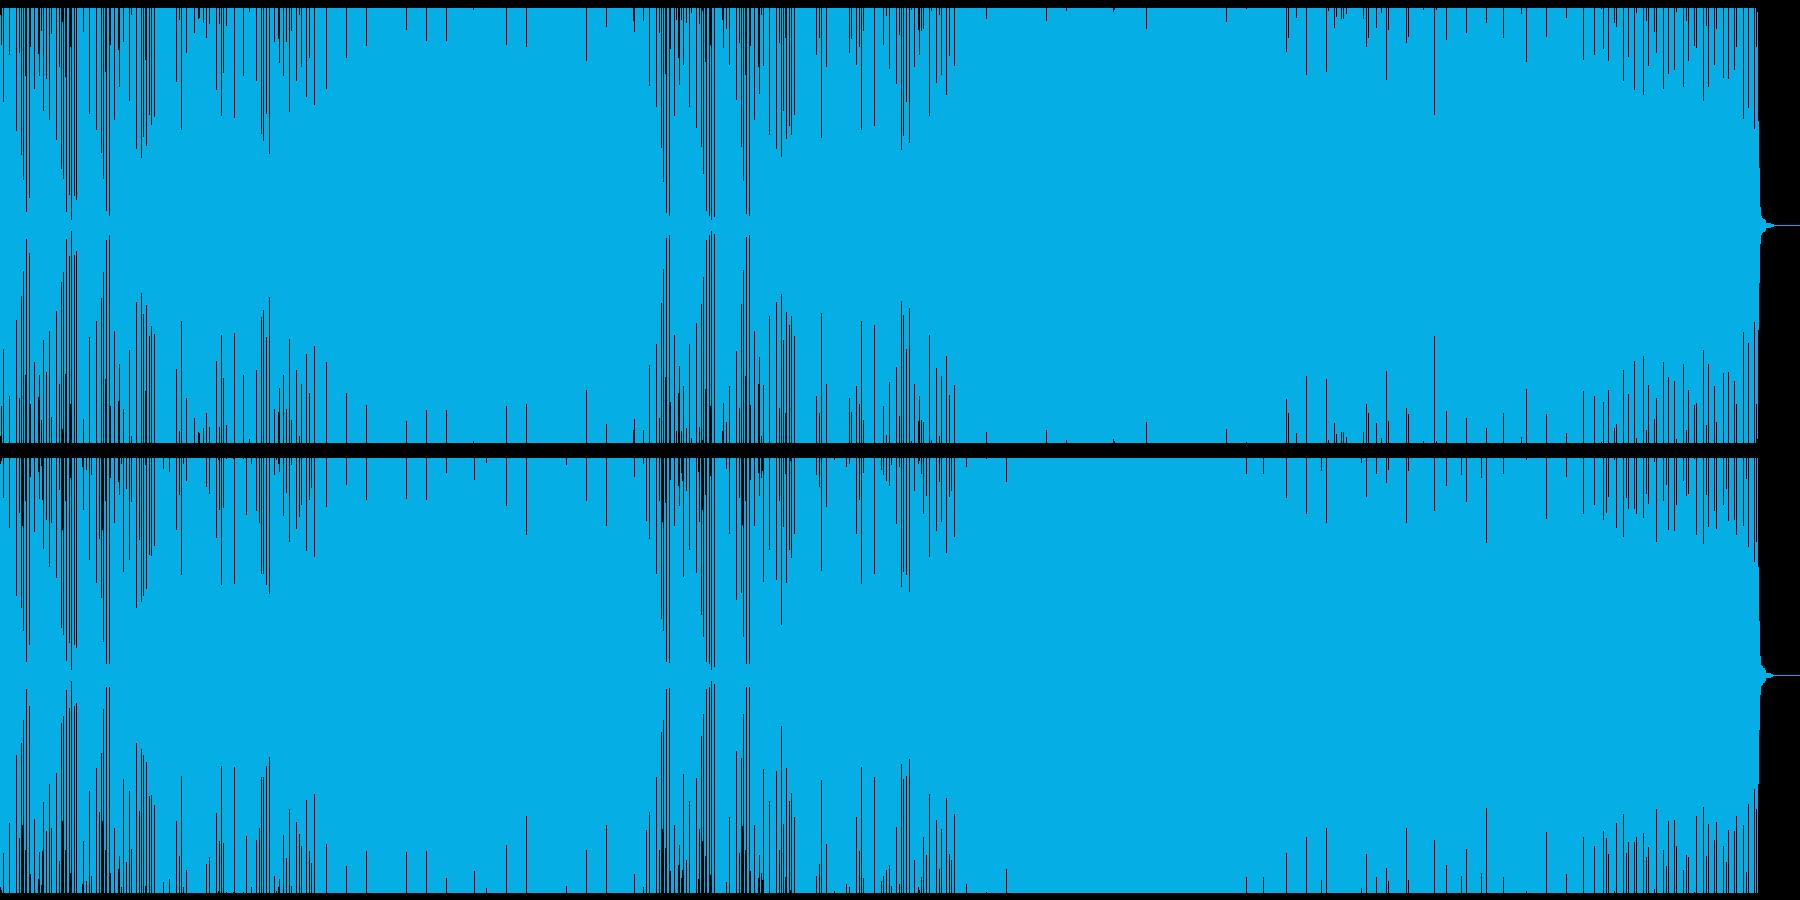 綺羅びやかなシンセ音のEDM風バラードの再生済みの波形